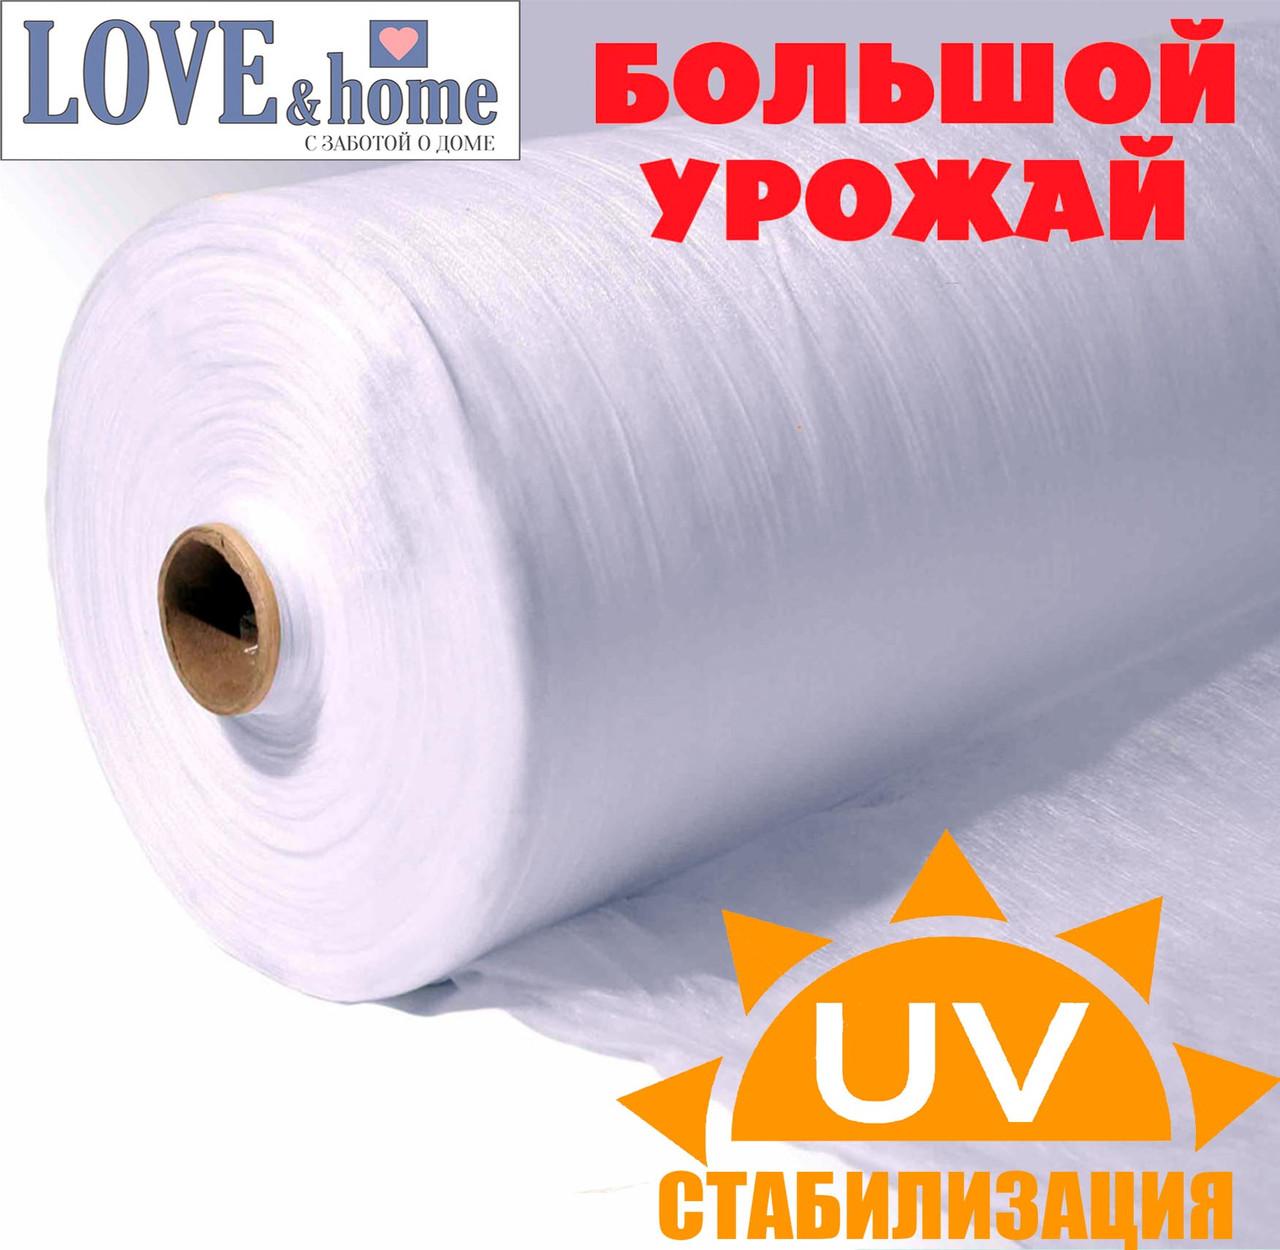 Агроволокно біле, щільність 17г/м2, ширина 9,5 м. довжина 100м.